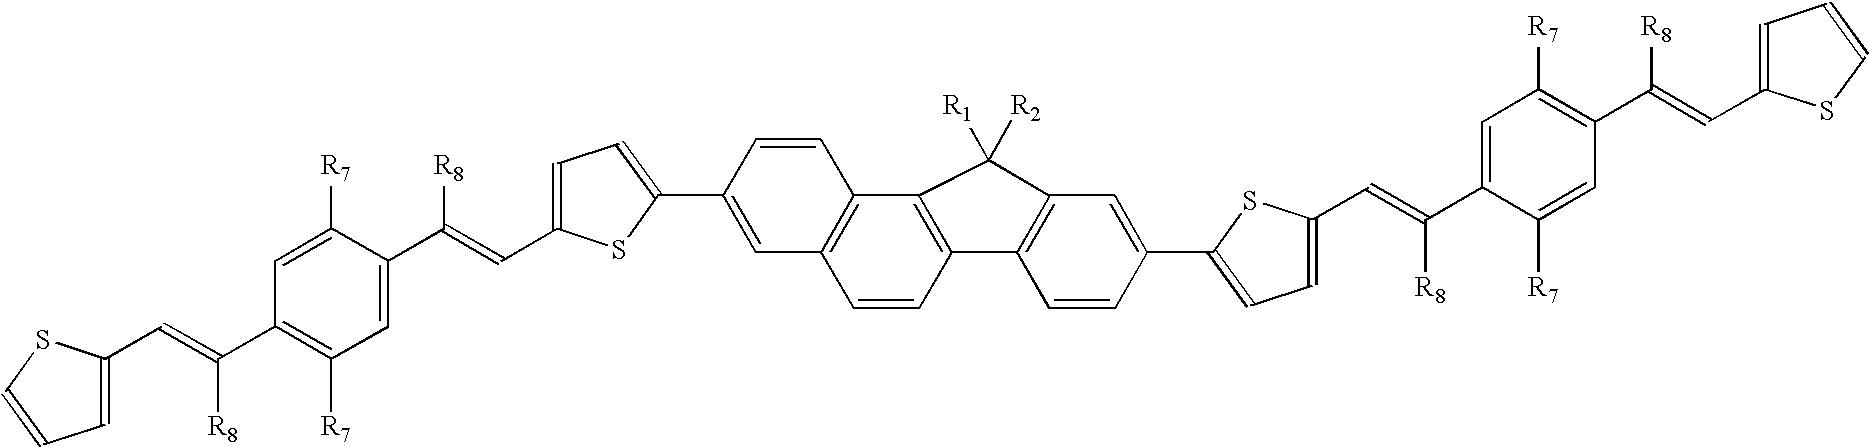 Figure US06849348-20050201-C00043